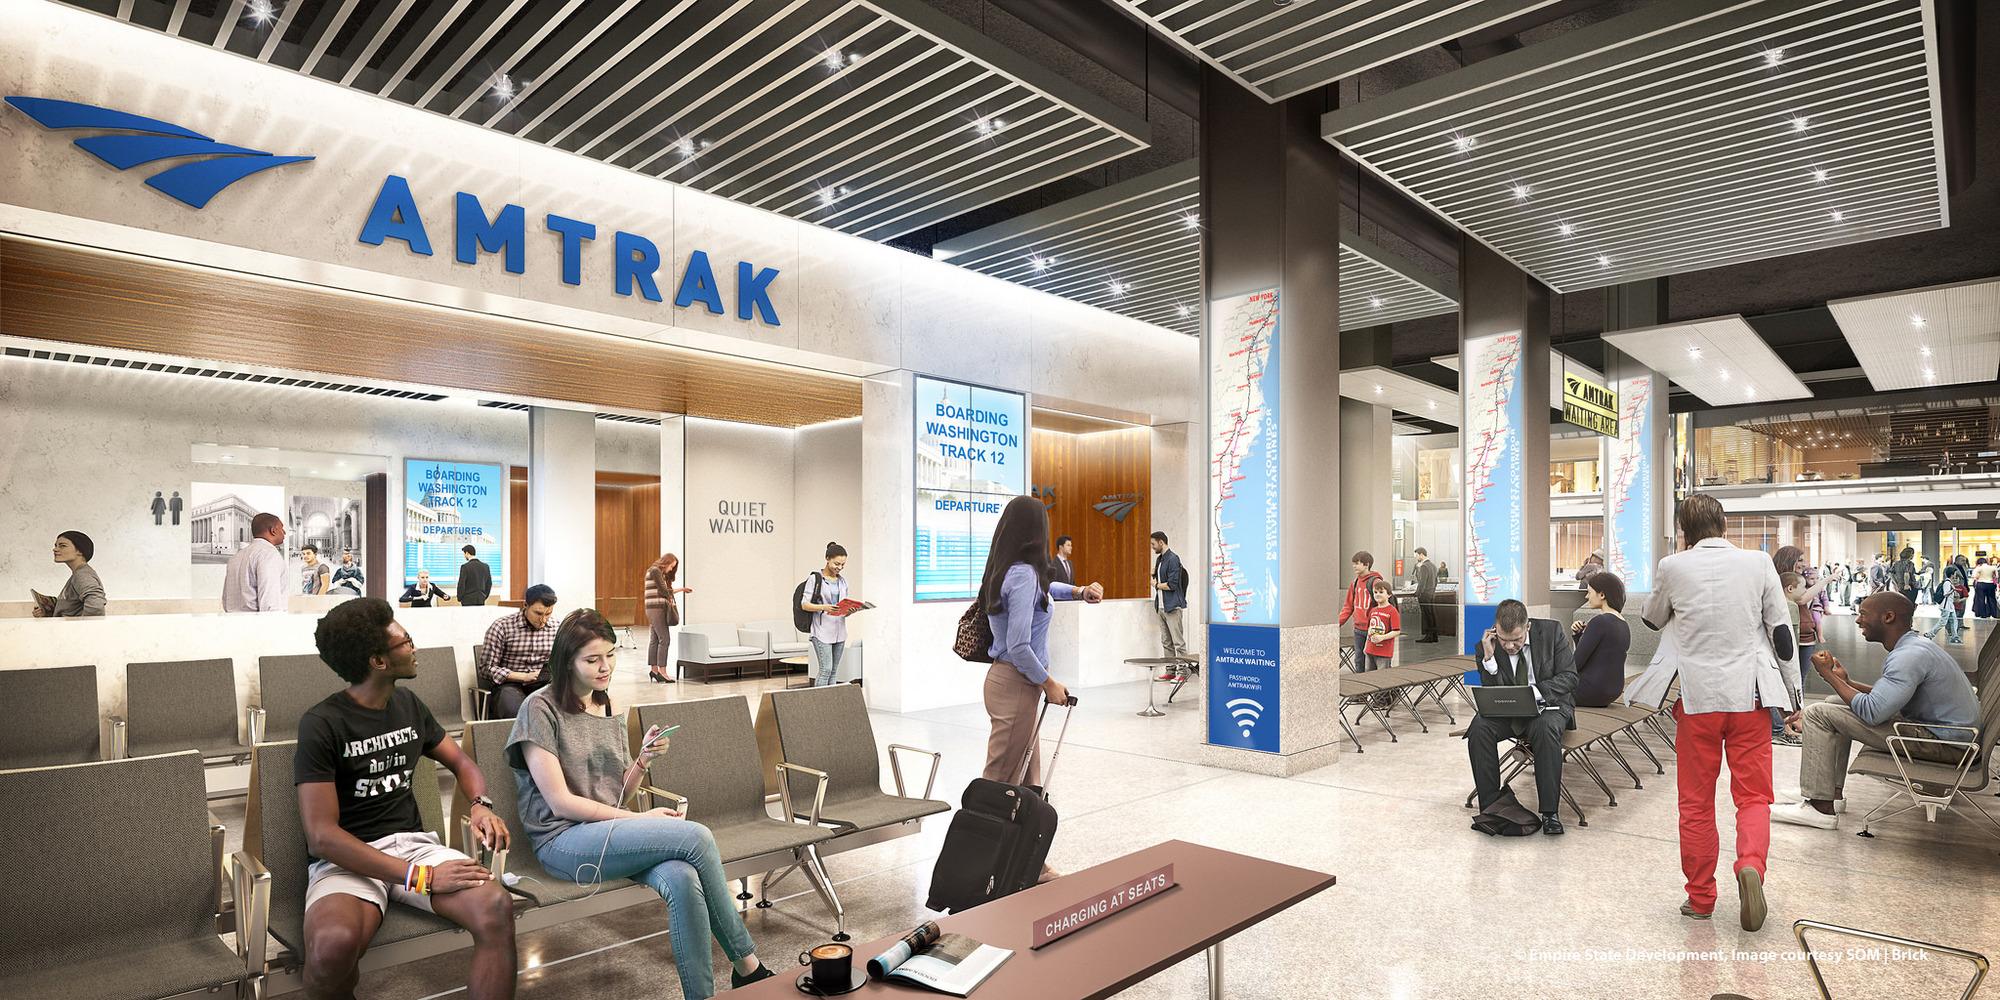 На Penn Station сходятся две независимые друг отдруга железнодорожные системы: железная дорога Лонг-Айленда (LIRR) игосударственный перевозчик Amtrak. Вместе они обслуживают сотни тысяч пассажиров